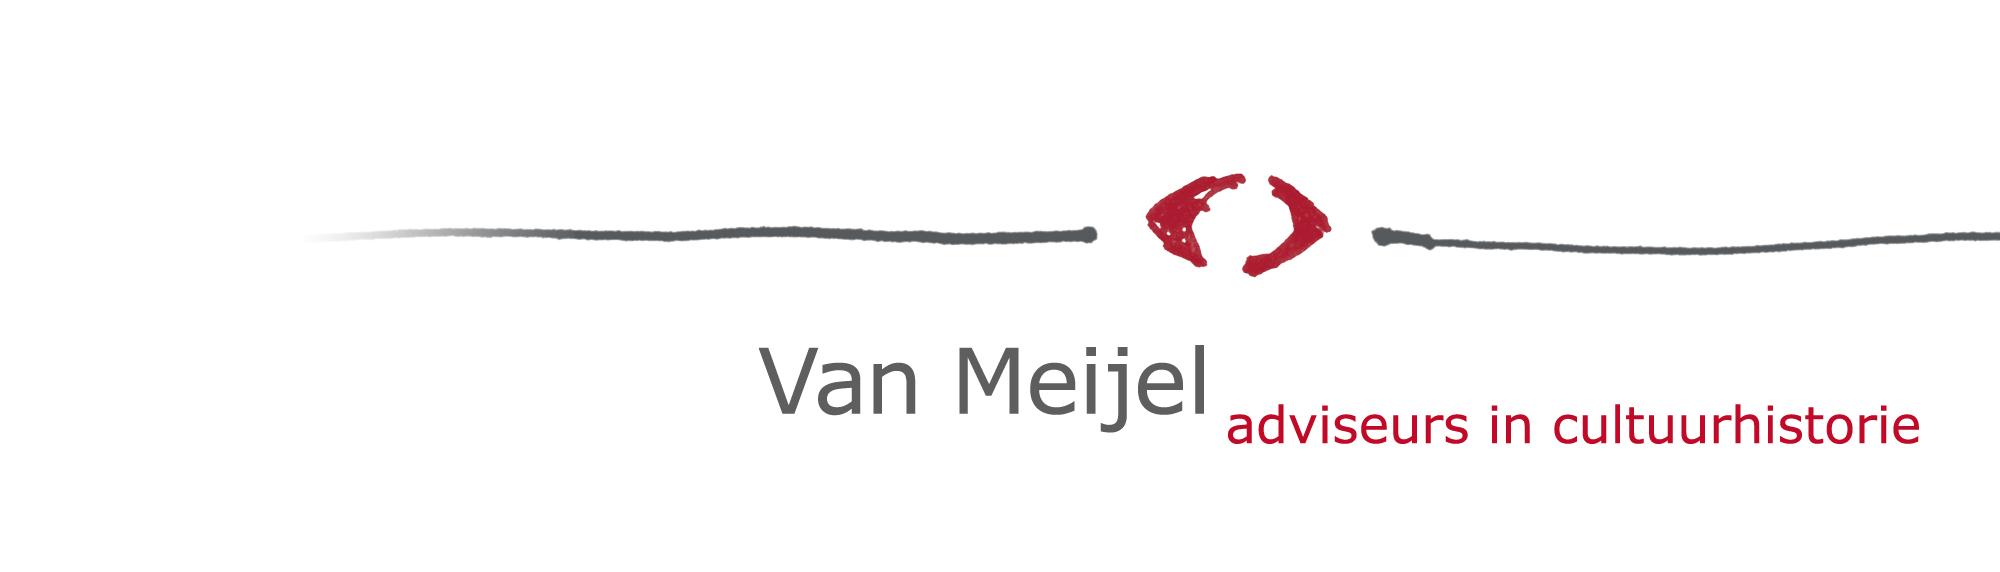 Van Meijel - adviseurs in cultuurhistorie